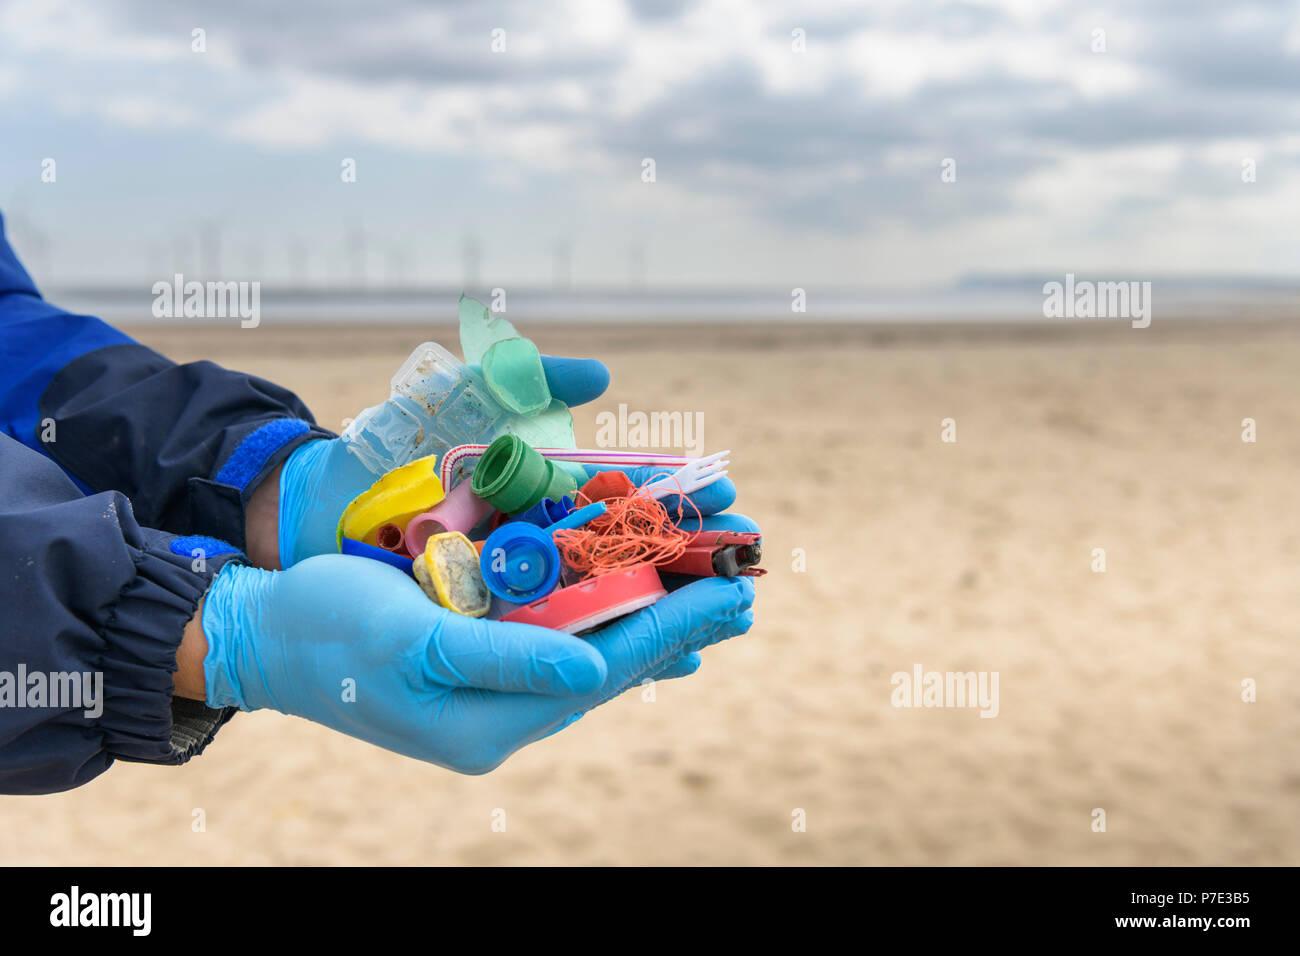 Hombre sujetando ejemplos de contaminación plástica recogidos en la playa, al Noreste de Inglaterra, Reino Unido. Foto de stock